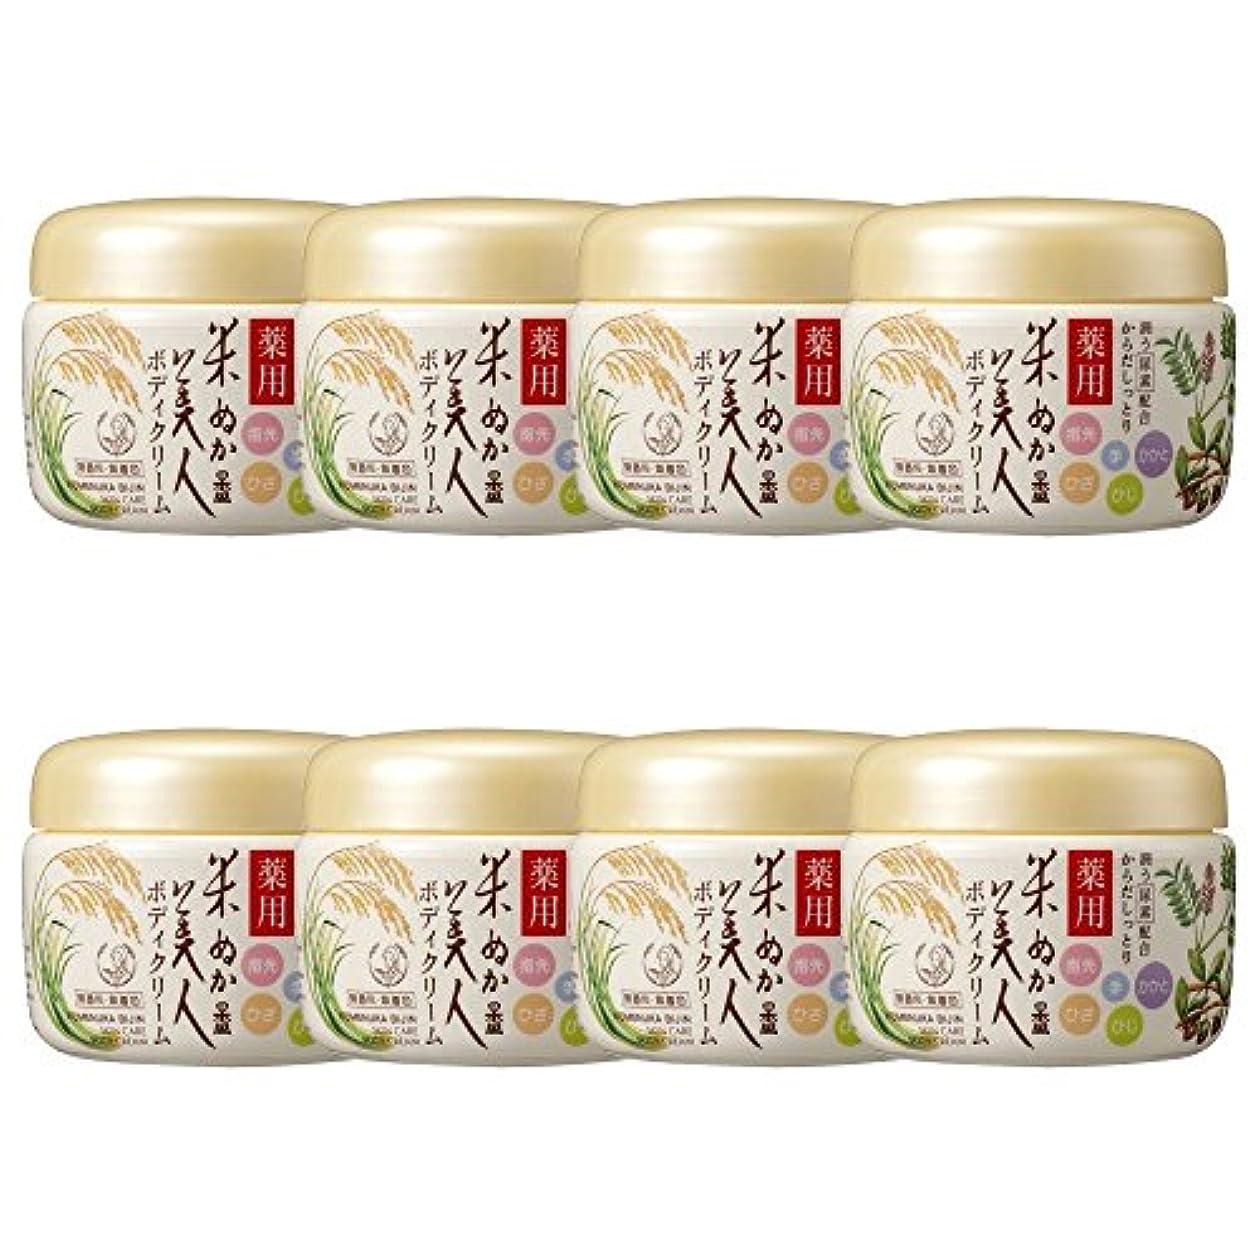 料理をする質量植物の【セット】米ぬか美人 薬用ボディクリーム 140g ×8個